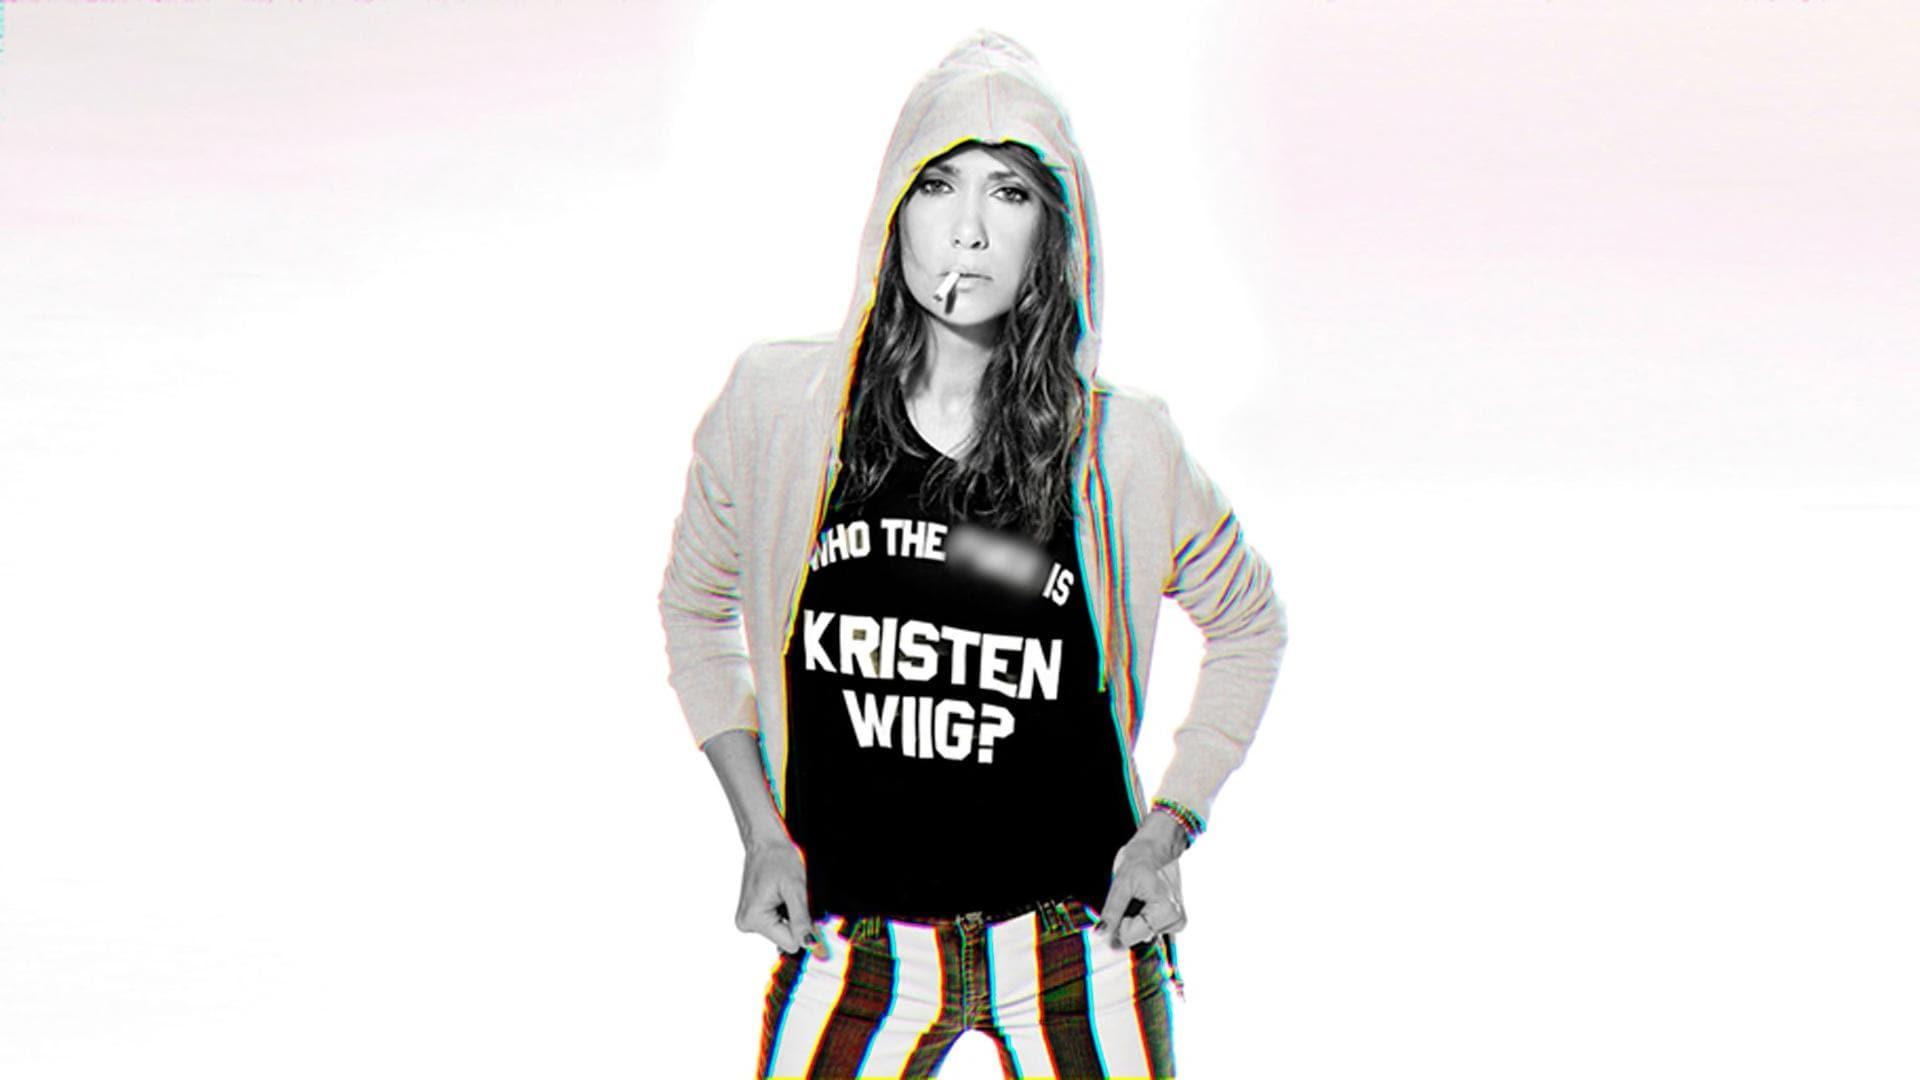 Kristen Wiig: May 11, 2013